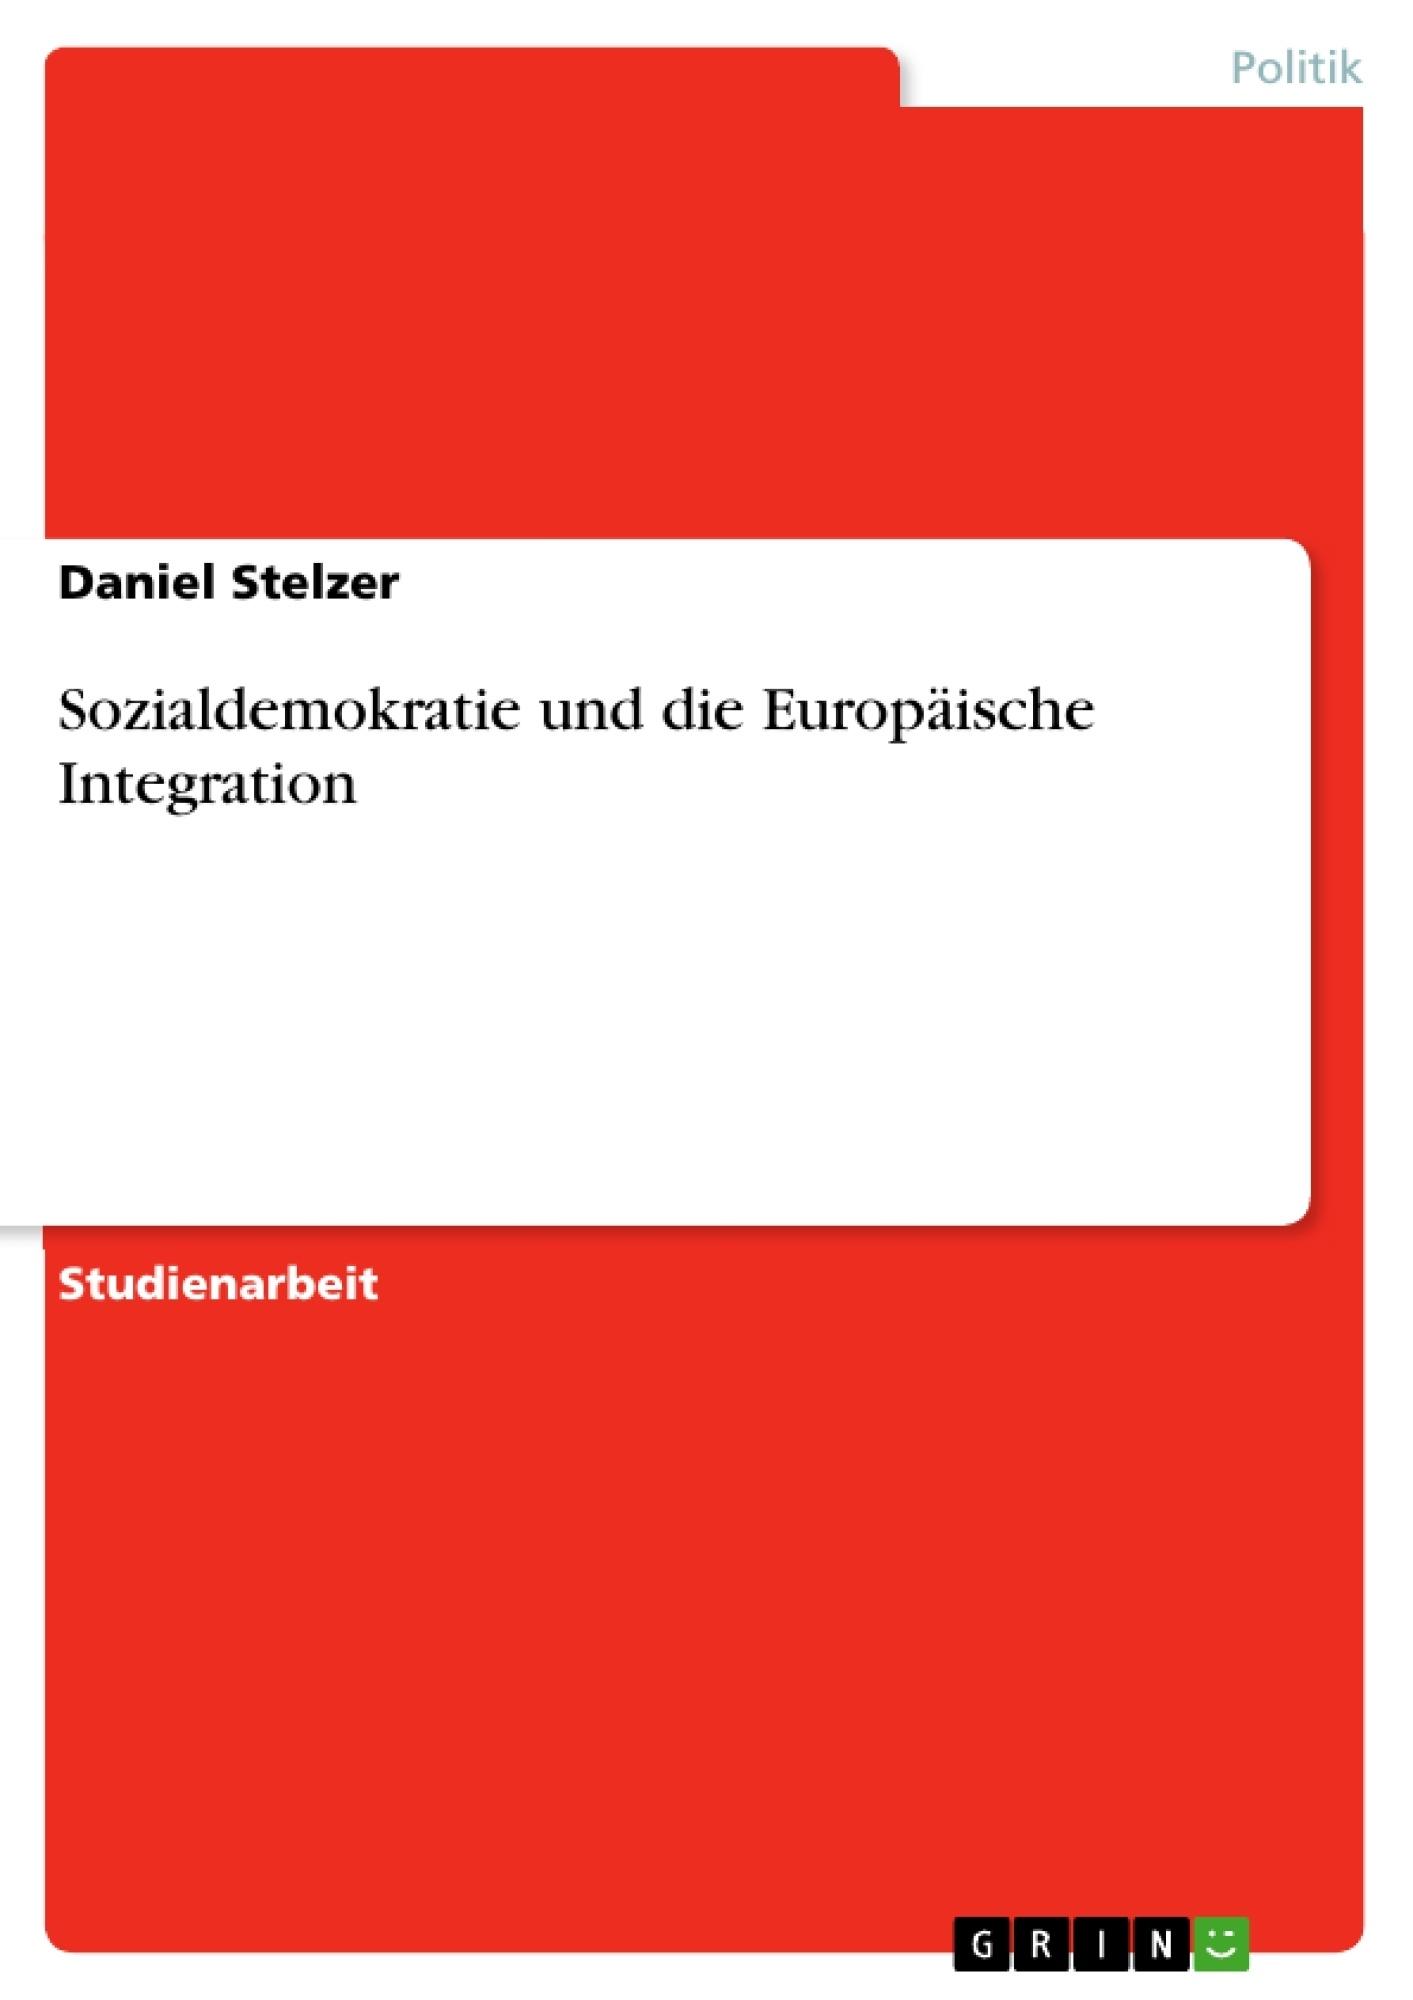 Titel: Sozialdemokratie und die Europäische Integration